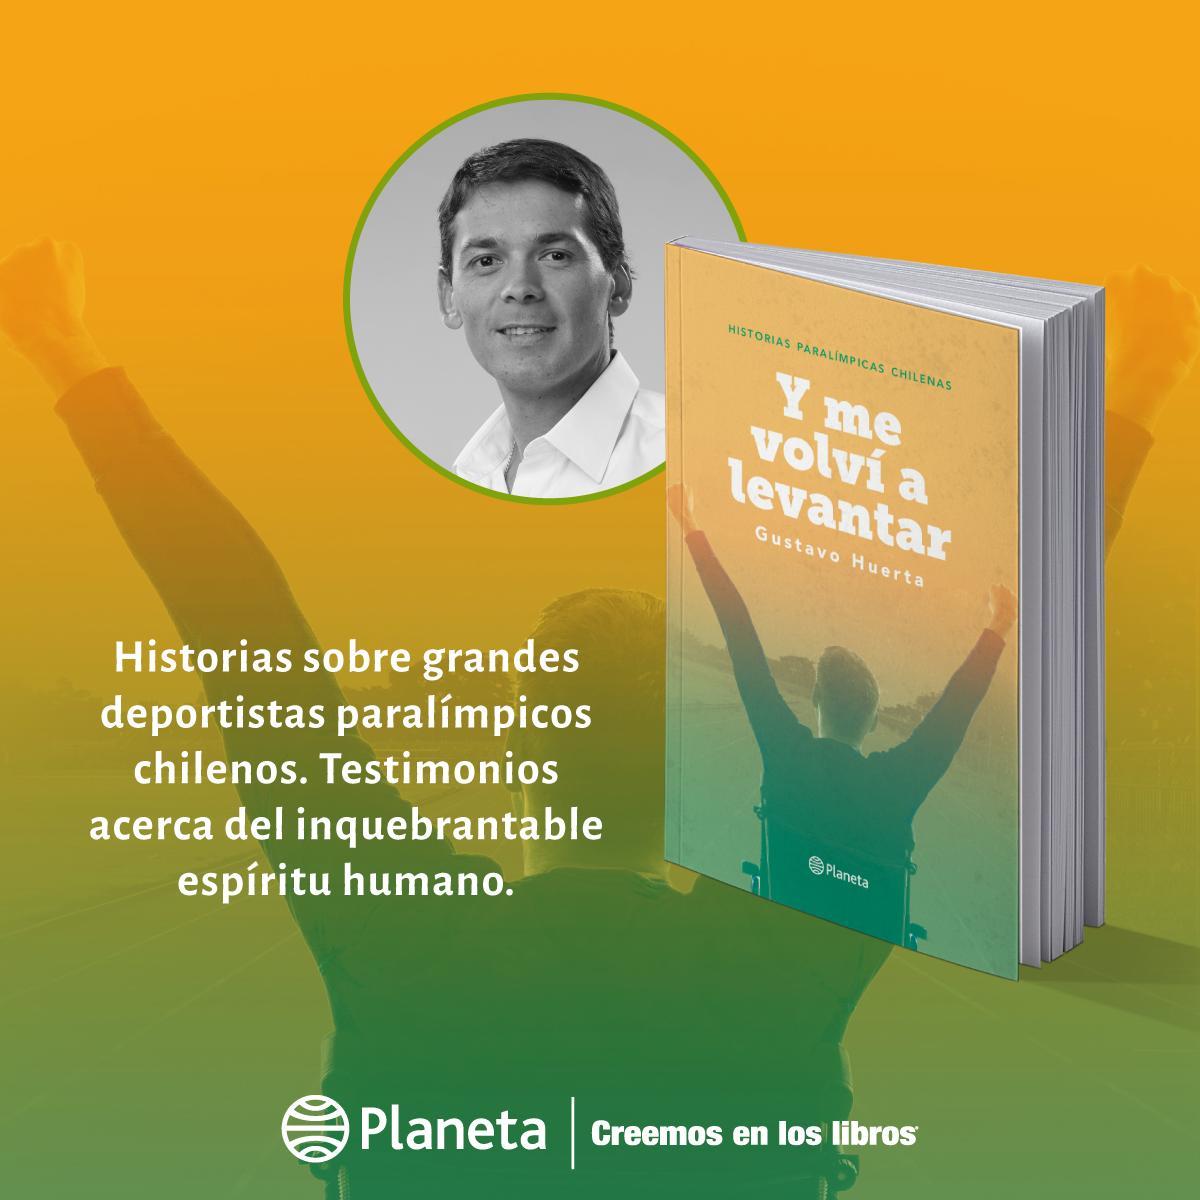 Encuentra en librerías el nuevo libro de @gustavohuerta: Y me volví a levantar. Una recopilación de nueve vidas que, además de enfrentarse a una constante lucha, son la prueba de que podemos y debemos levantarnos. #CreemosEnLosLibros 📚 https://t.co/rIihQun3Xi